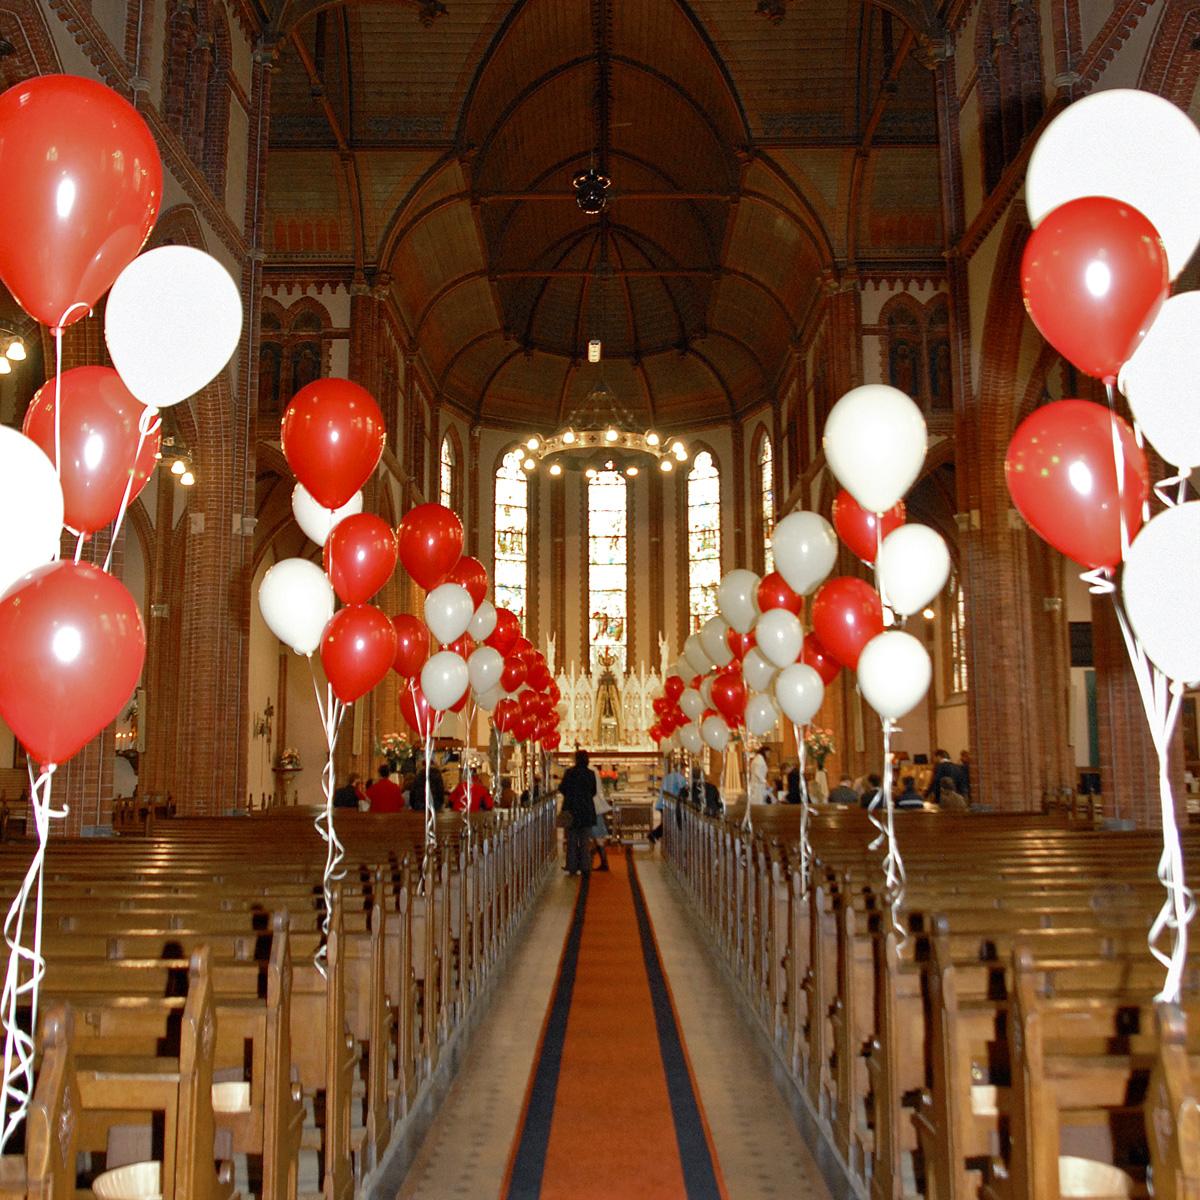 Ballondecoratie - Standaard set heliumballonnen bij huwelijk